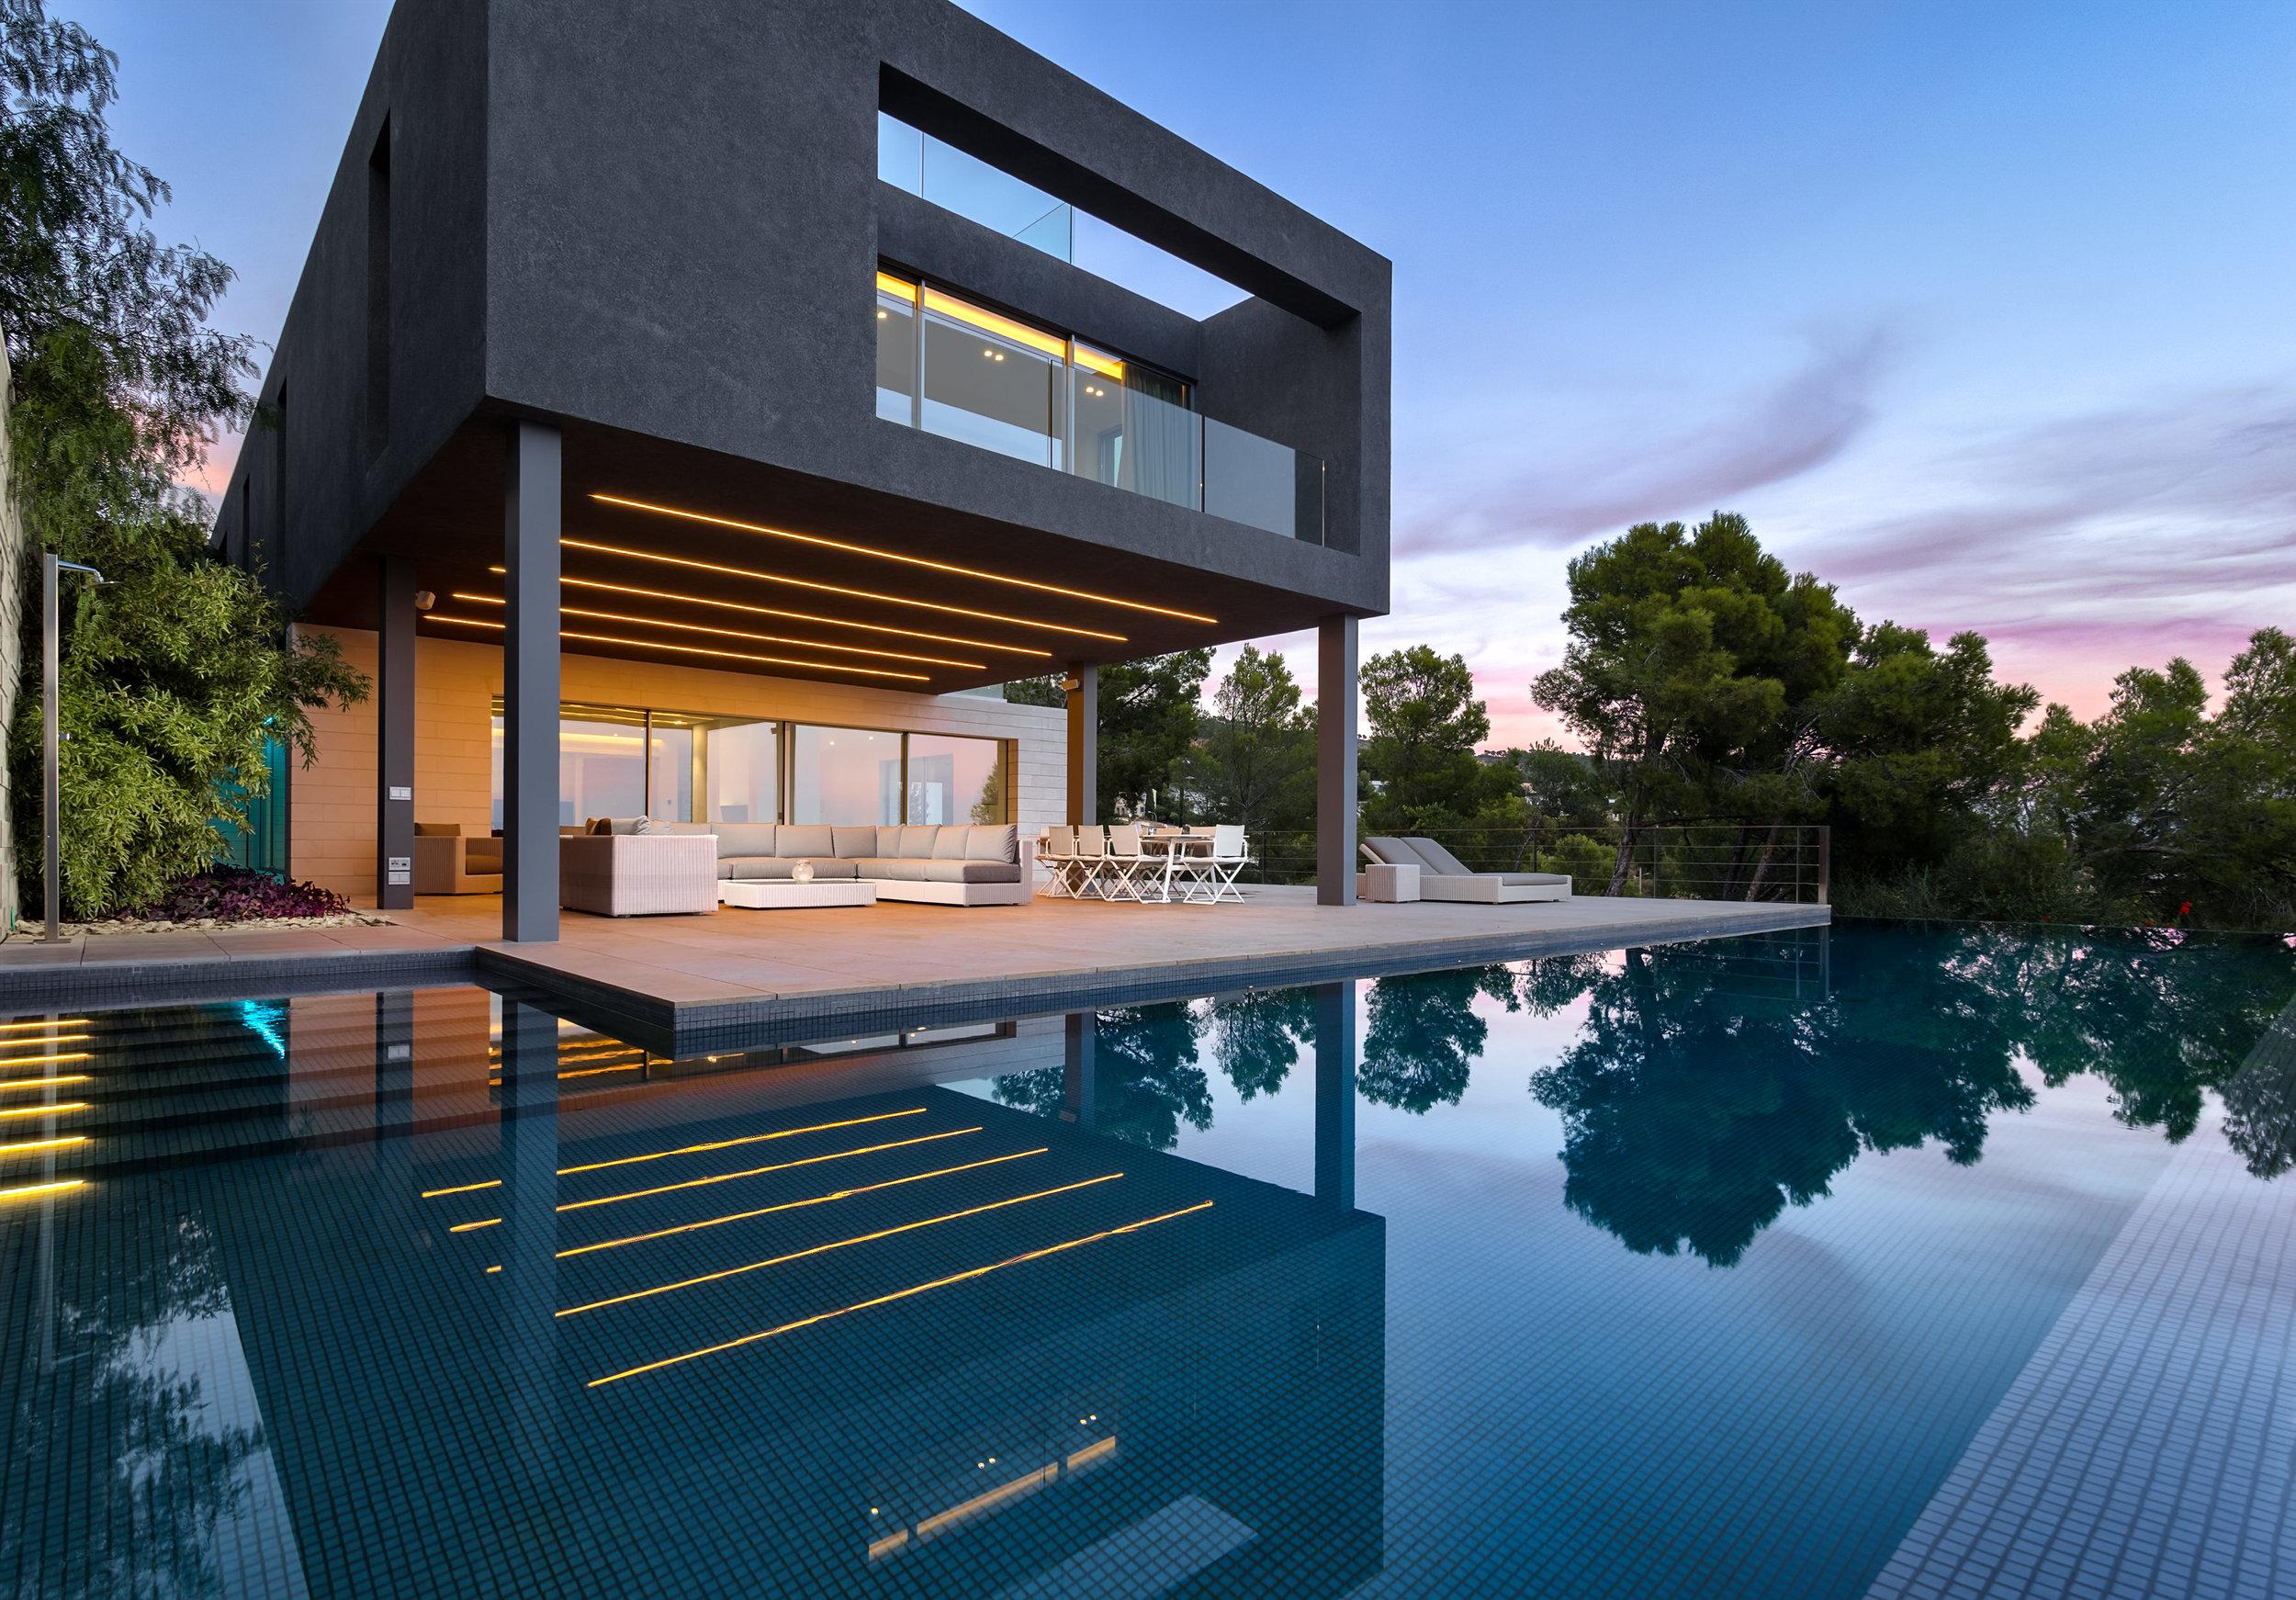 Architectural Villa, 2018